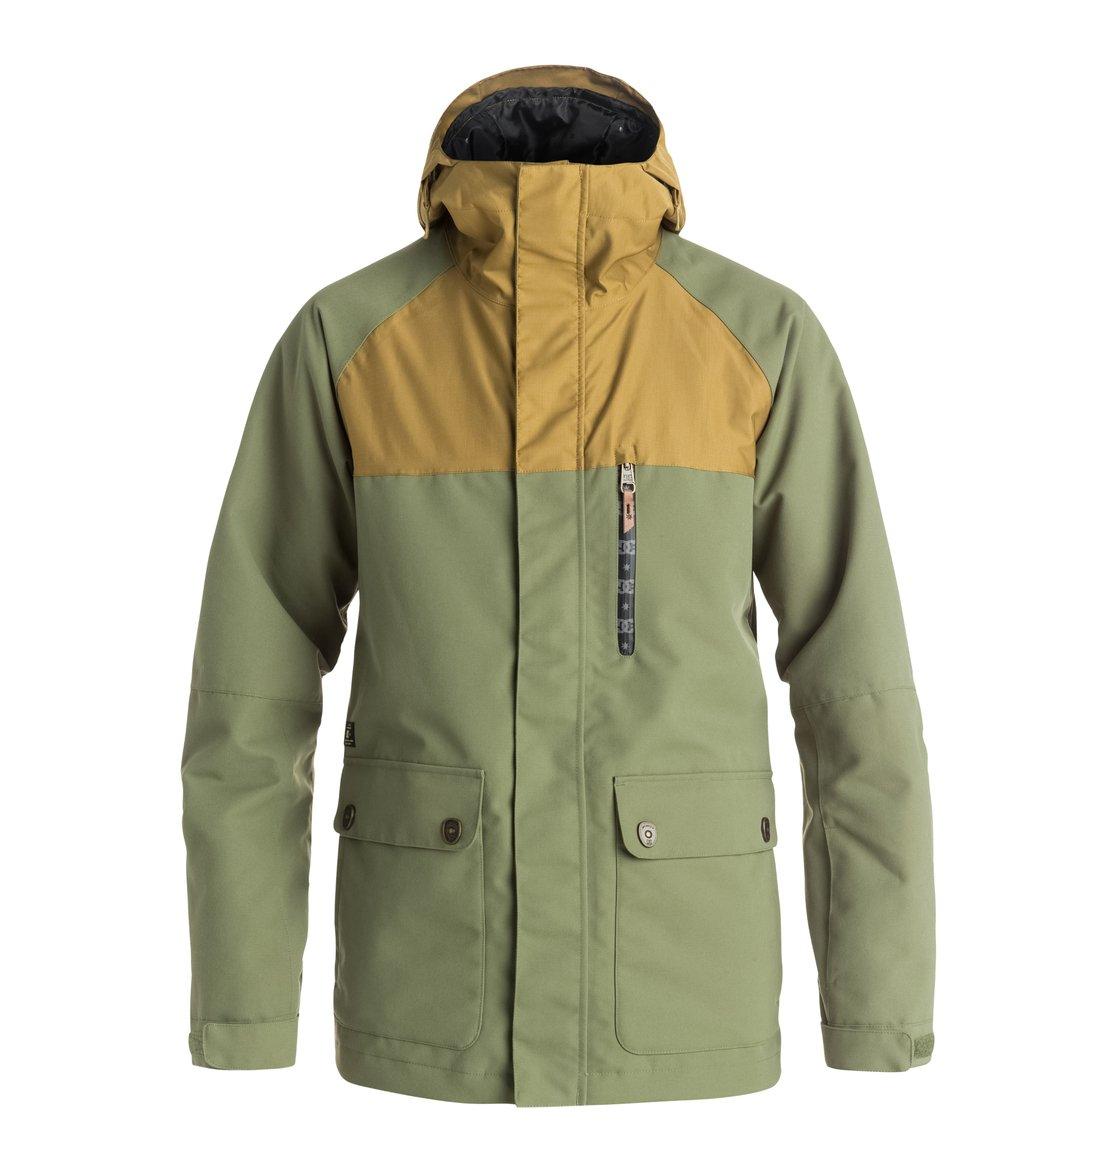 Сноубордическая куртка Clout